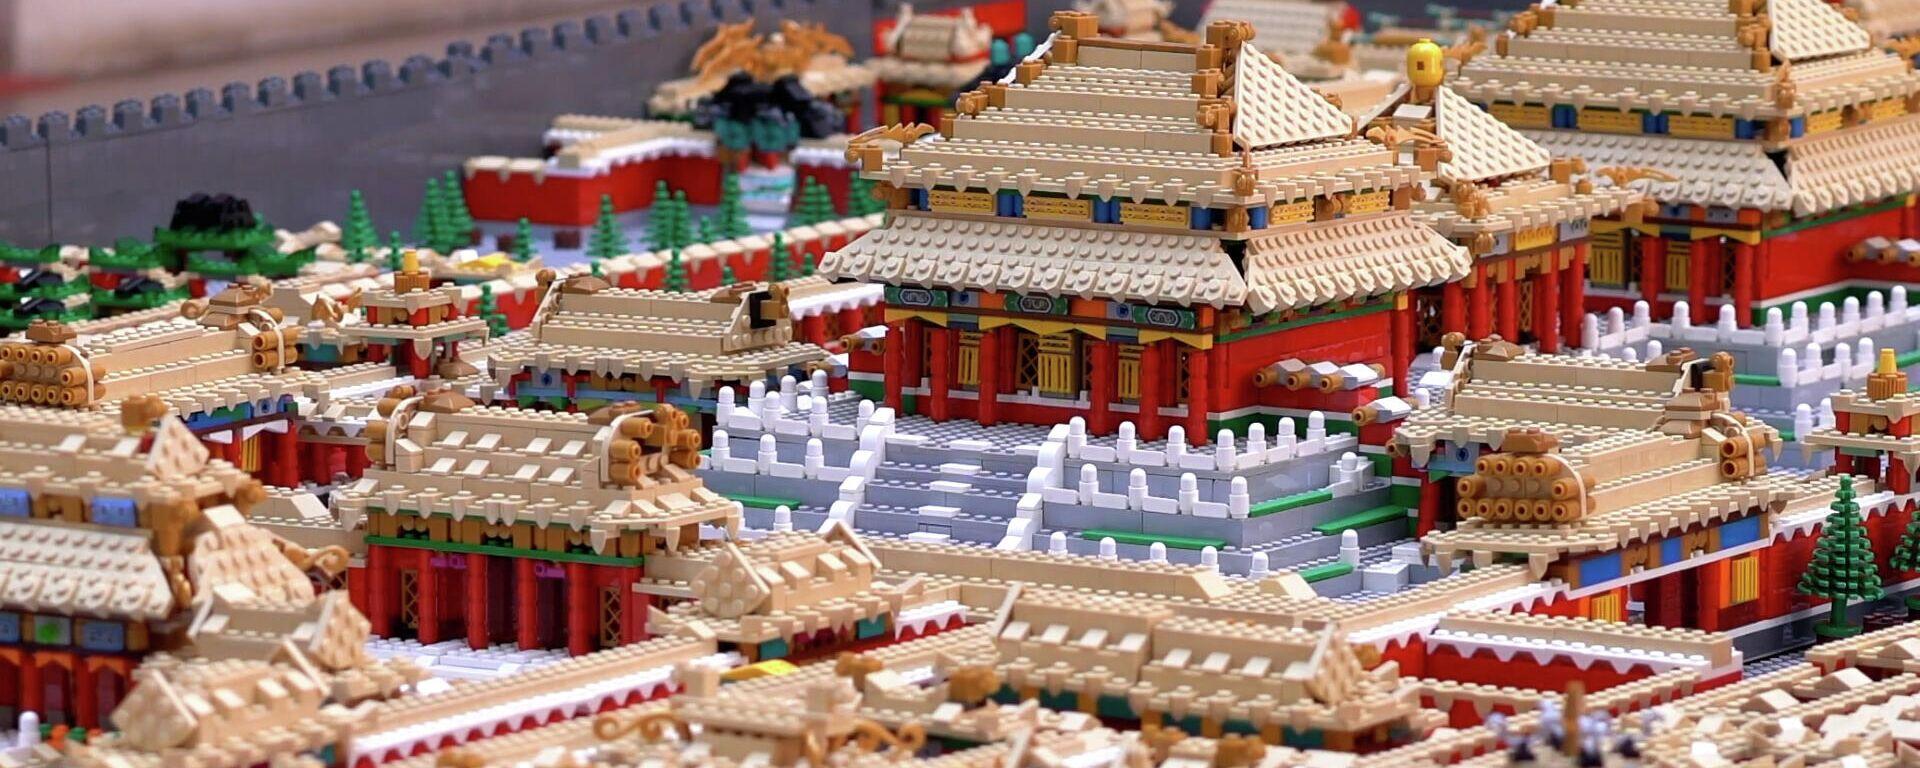 Φανατικός των LEGO κατασκευάζει μοντέλο 700.000 τεμαχίων της Απαγορευμένης Πόλης της Κίνας - Sputnik Ελλάδα, 1920, 03.08.2021